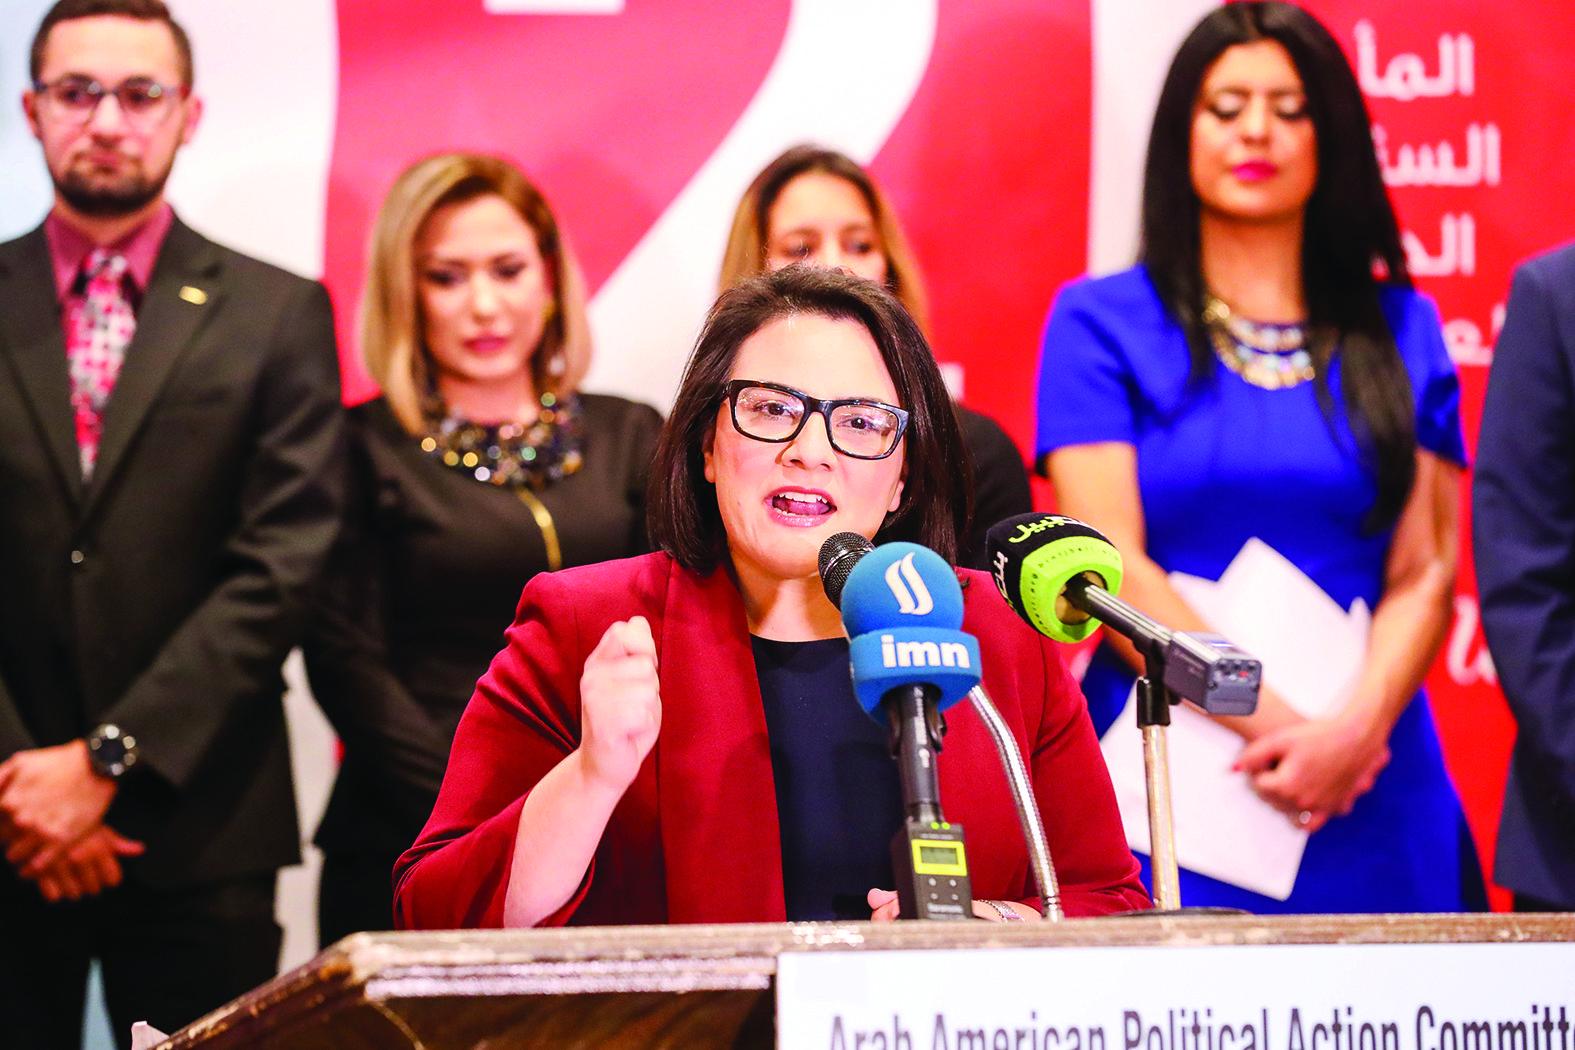 مديرة مكتب «الاتحاد الأميركي للحريات المدنية» رنا المير بعد نيلها جائزة تكريمية